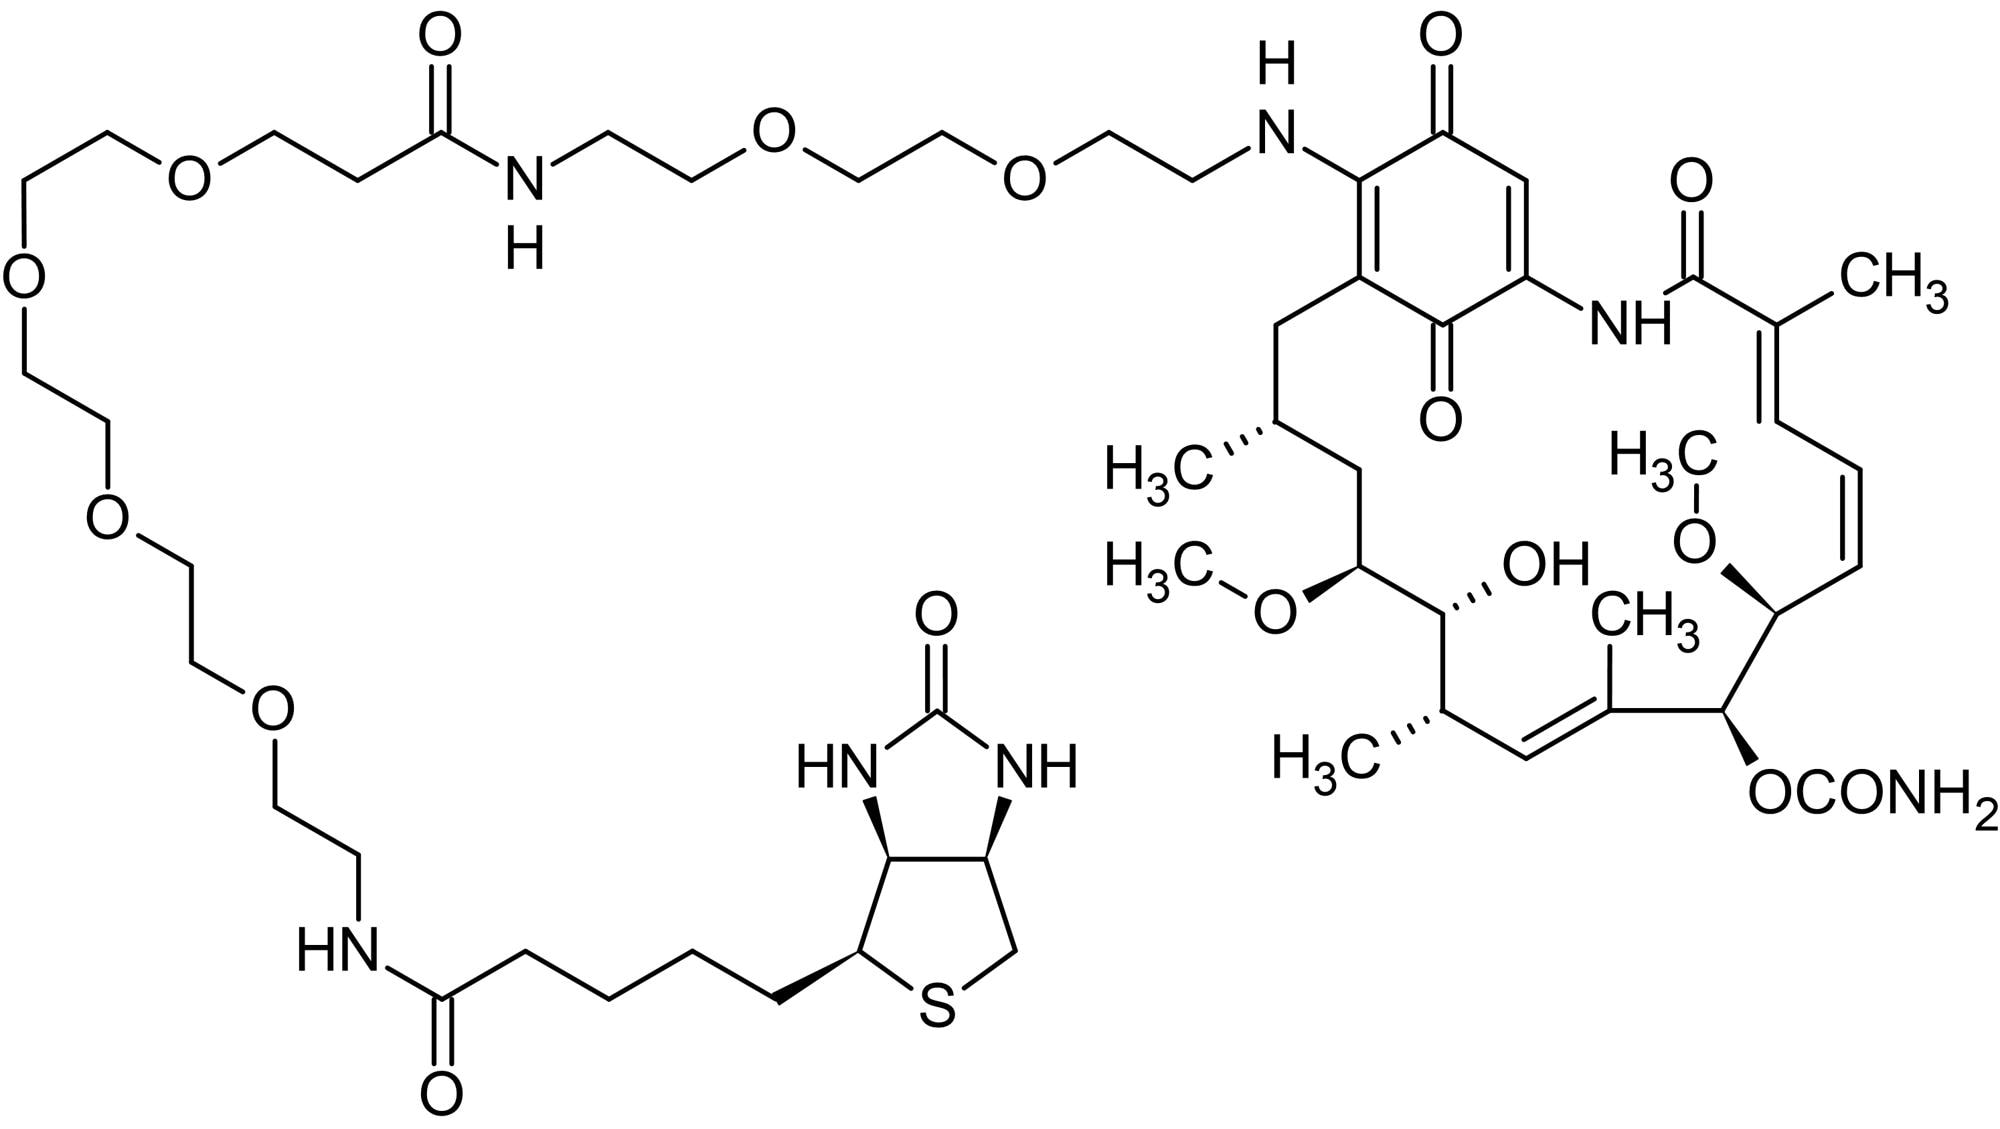 Chemical Structure - Geldanamycin-biotin, HSP90 inhibitor (ab141583)